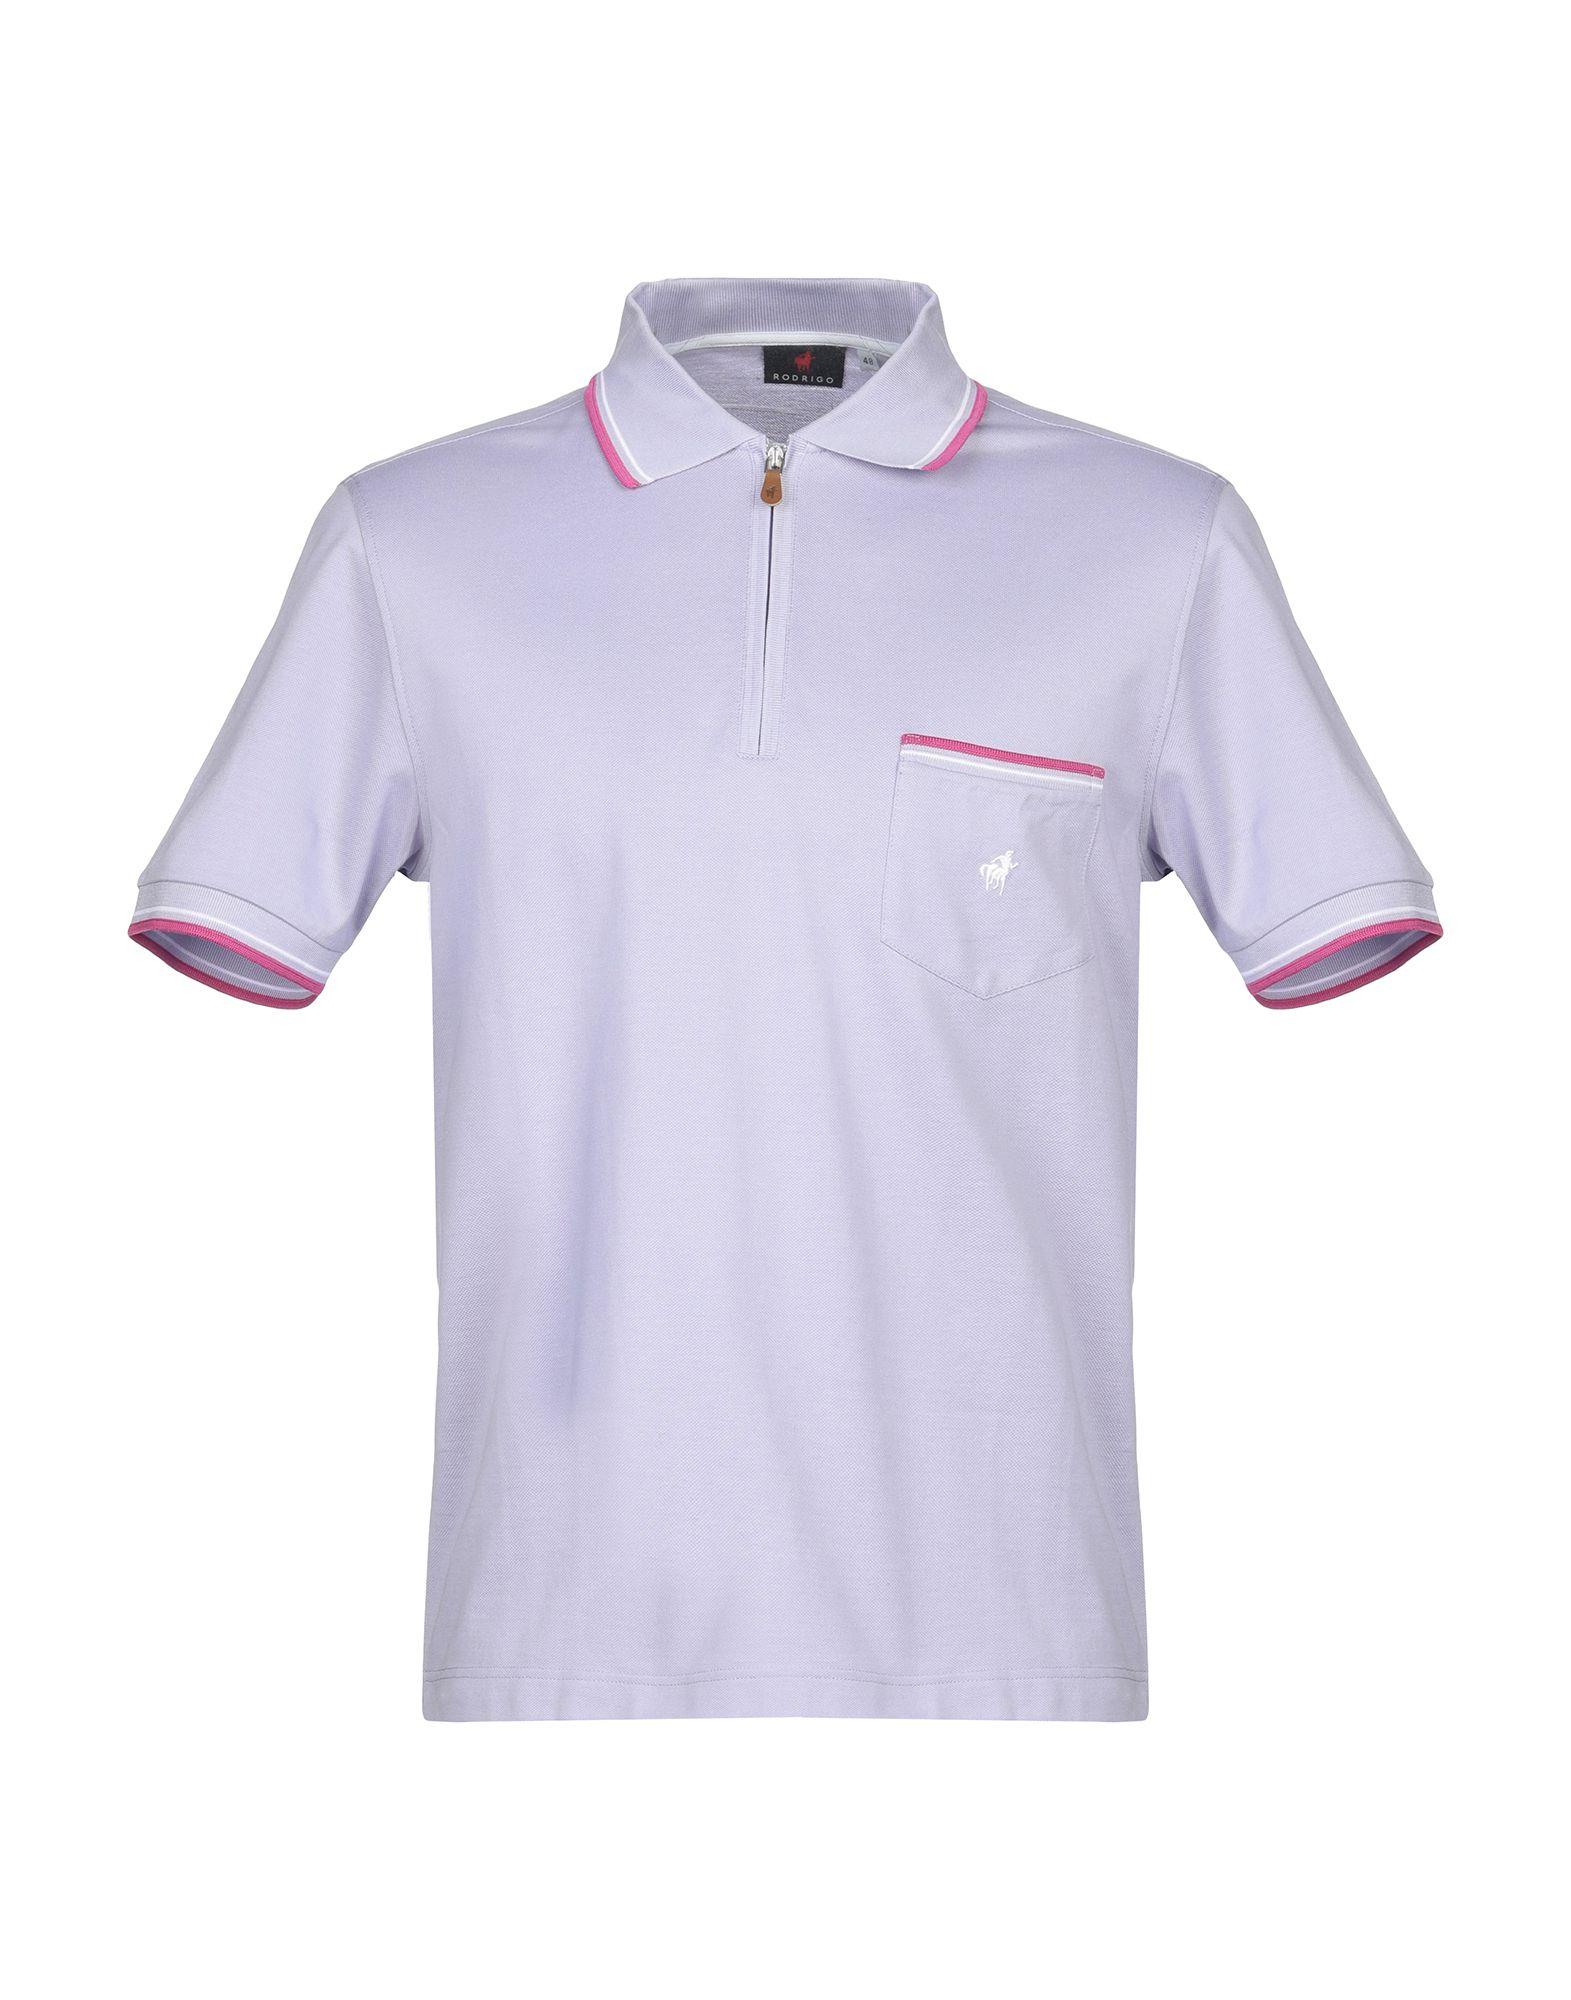 《送料無料》RODRIGO メンズ ポロシャツ ライラック 48 コットン 100%